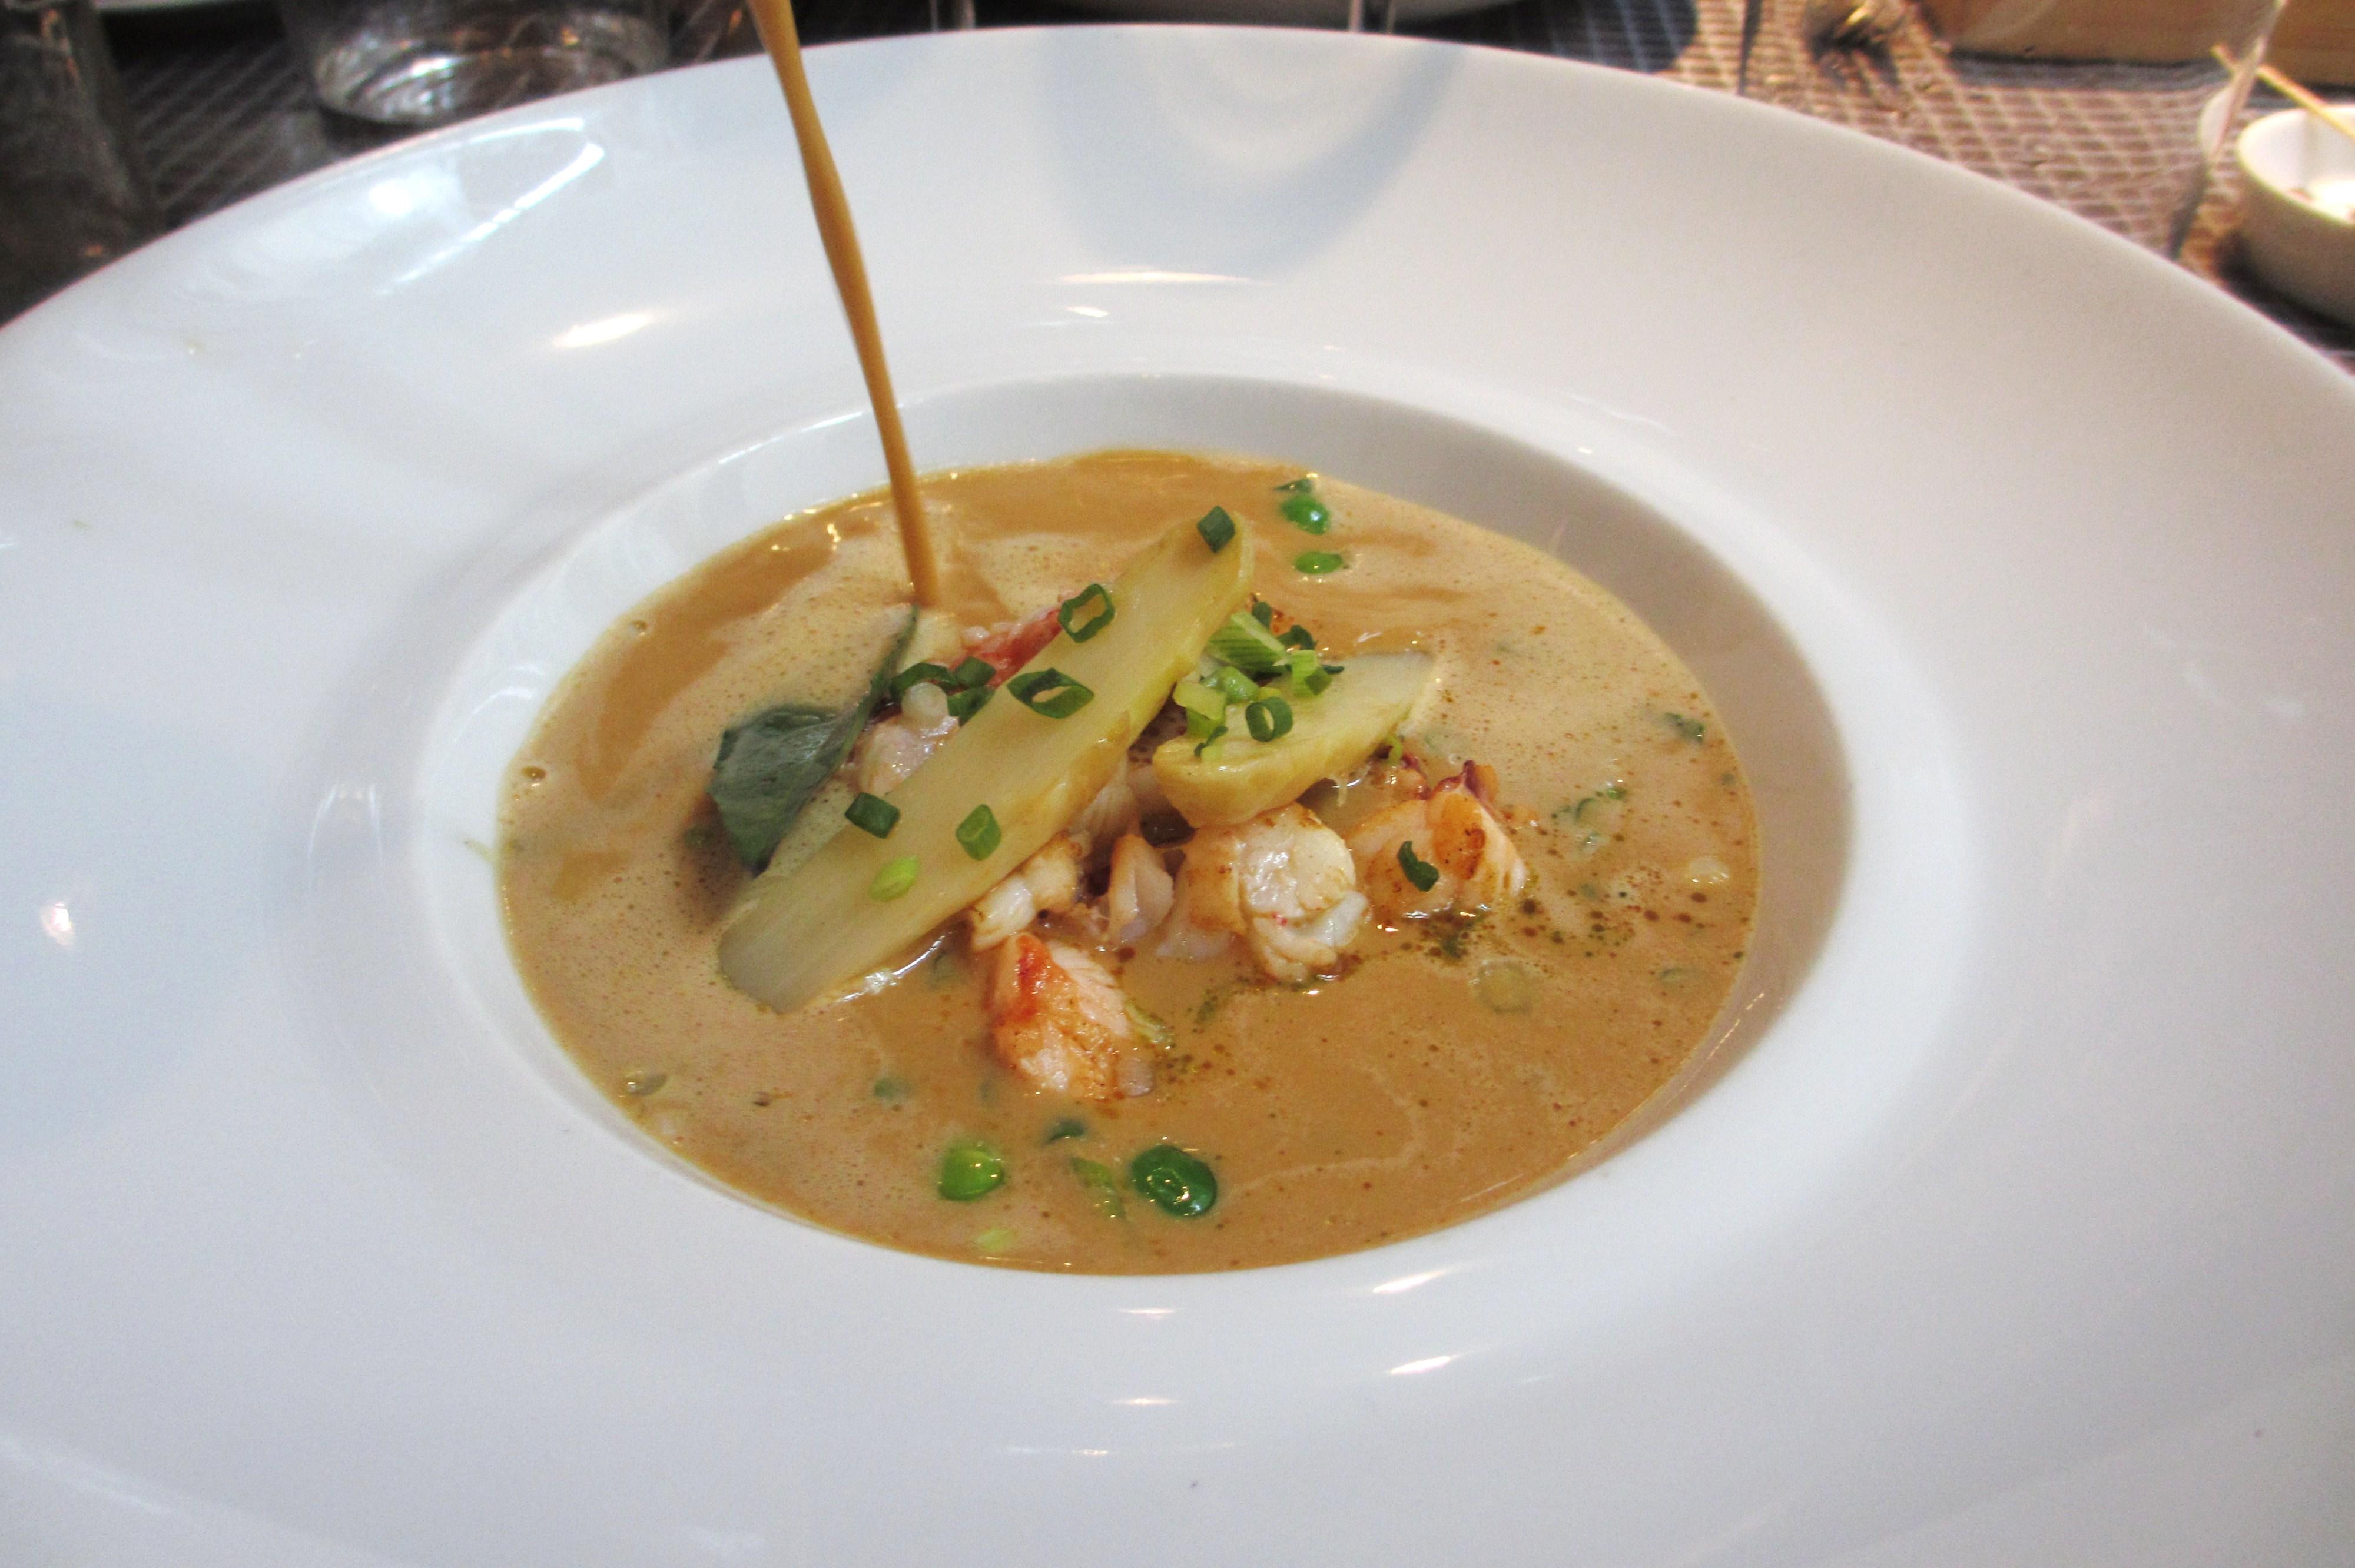 Restaurant Kitchen Gallery Paris delighful restaurant kitchen gallery paris of ze galerie intended